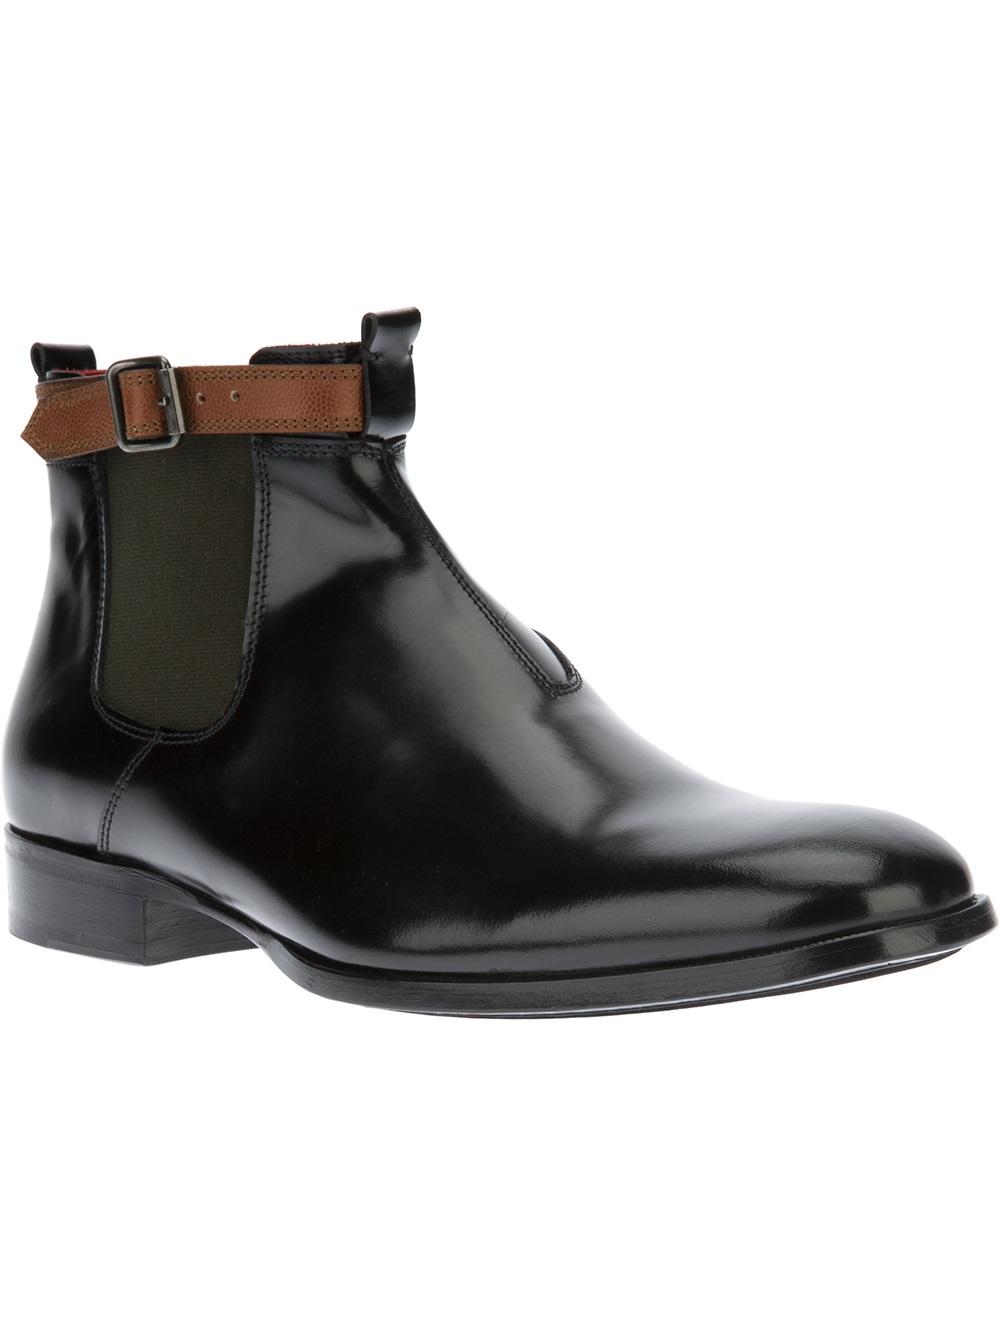 Lyst Alexander Mcqueen Buckled Chelsea Boots In Black